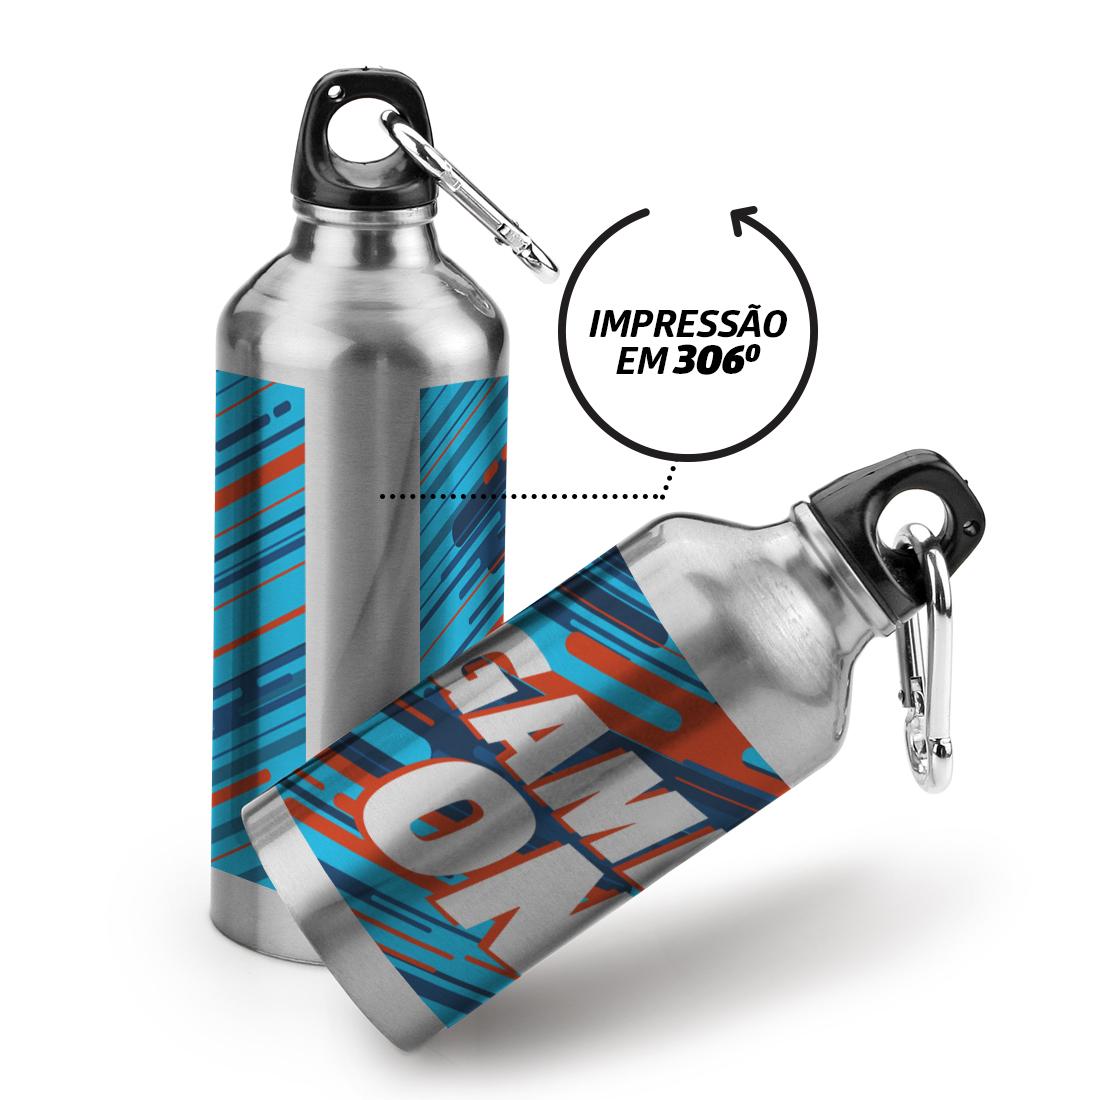 Squeeze Prata 600 ml - 25 unidades - 190x70mm em Alumínio  - 4x0 -  - Personalizado (cód. 28180)